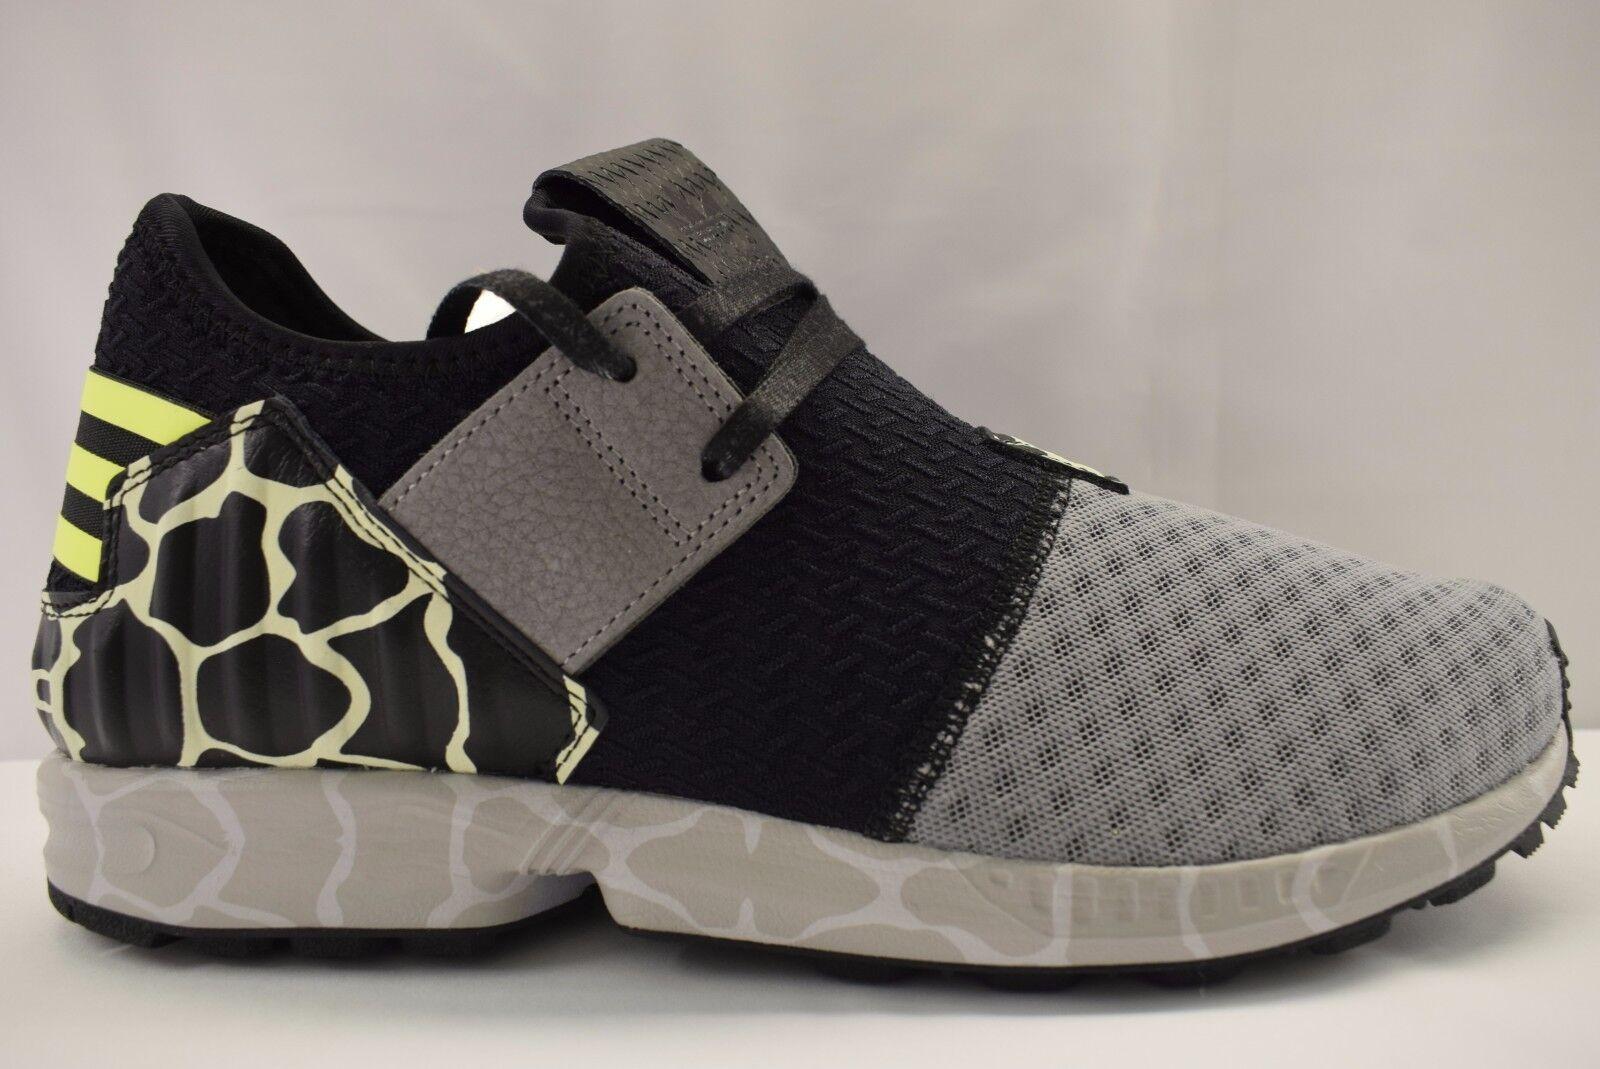 ADIDAS ZX FLUX PLUS AQ5886 SAMBA LA TRAINER Sneaker Herrenschuhe